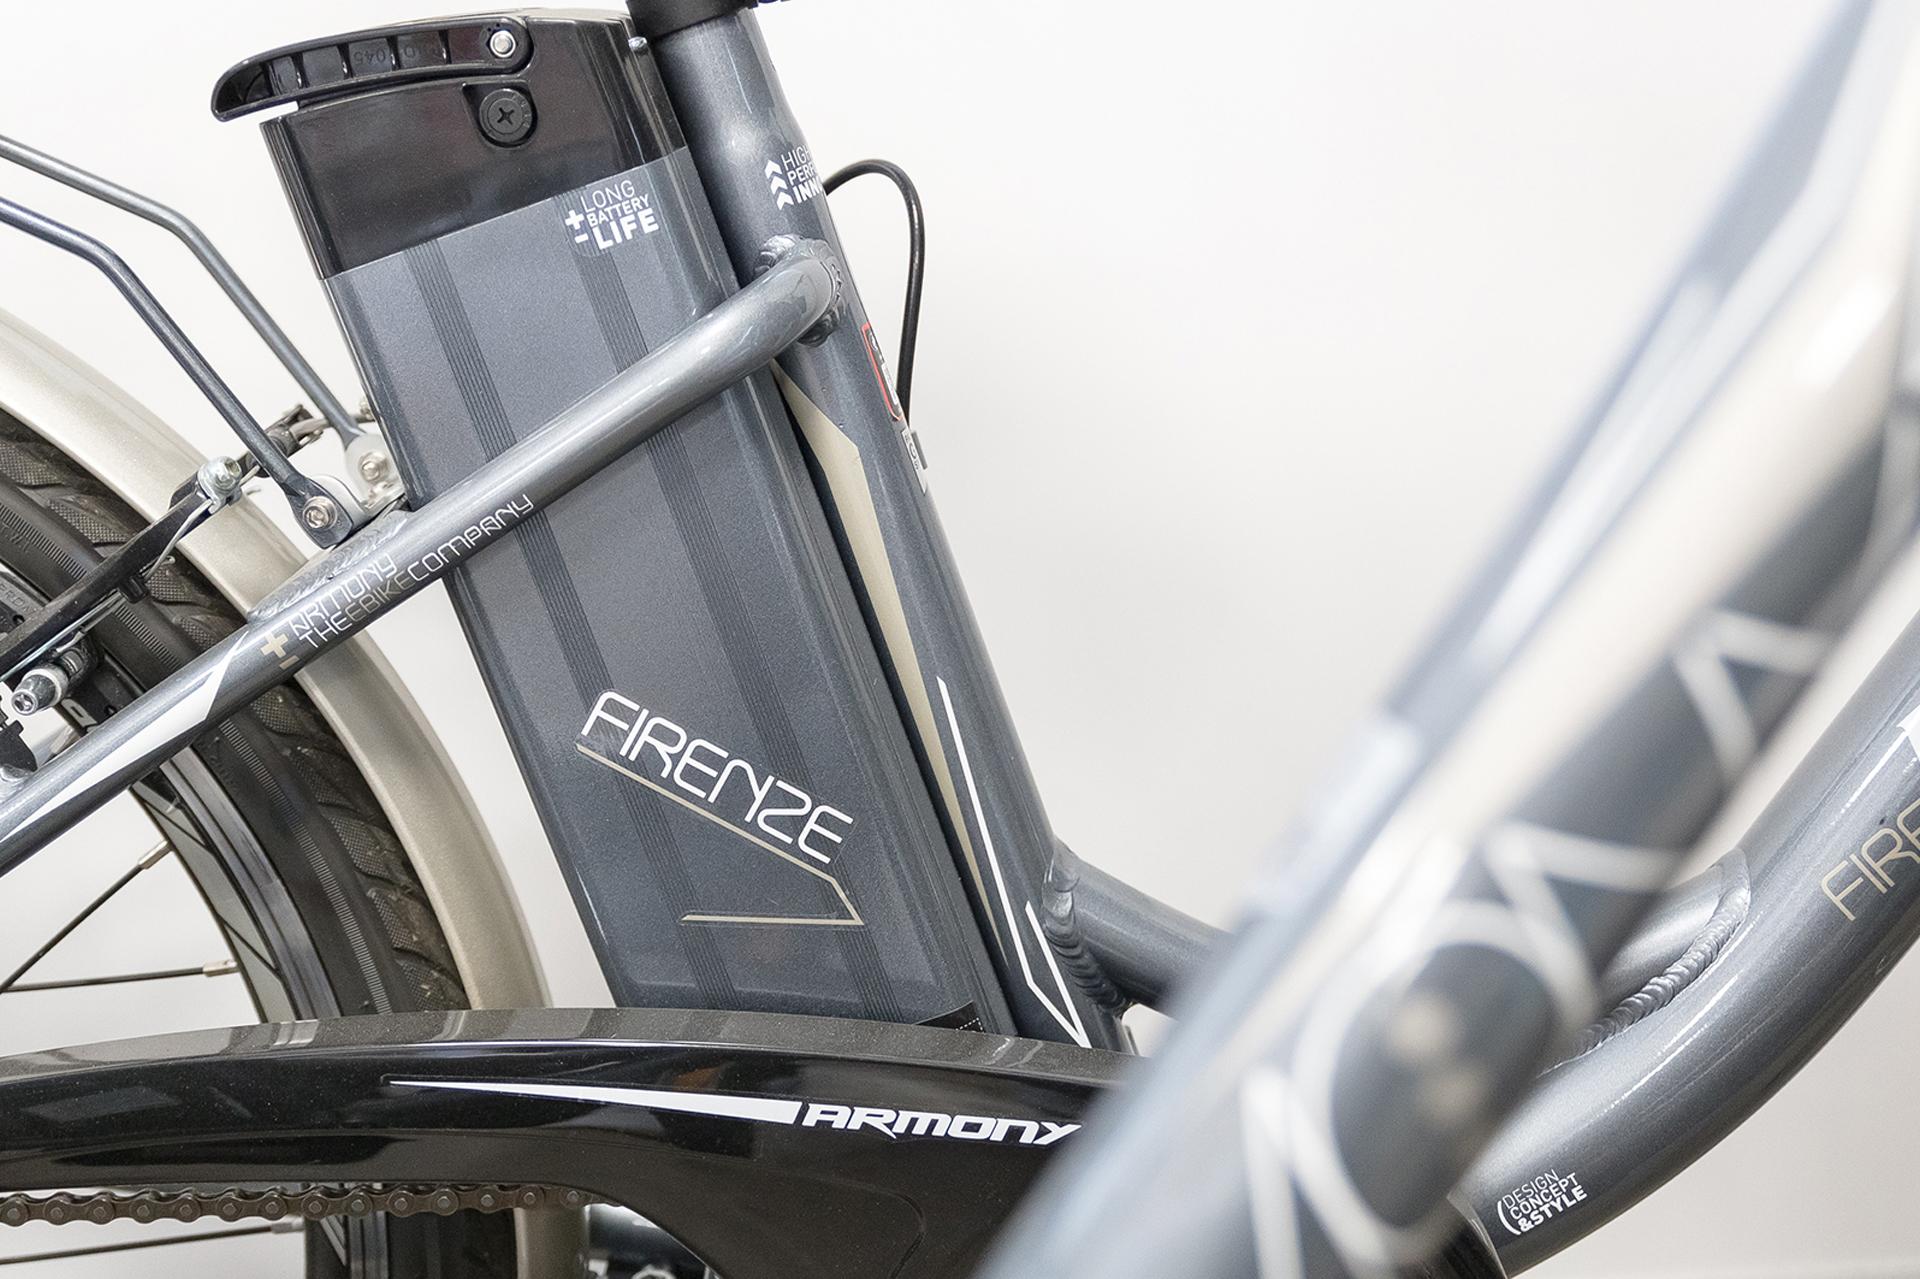 Batterie per bici elettriche al litio